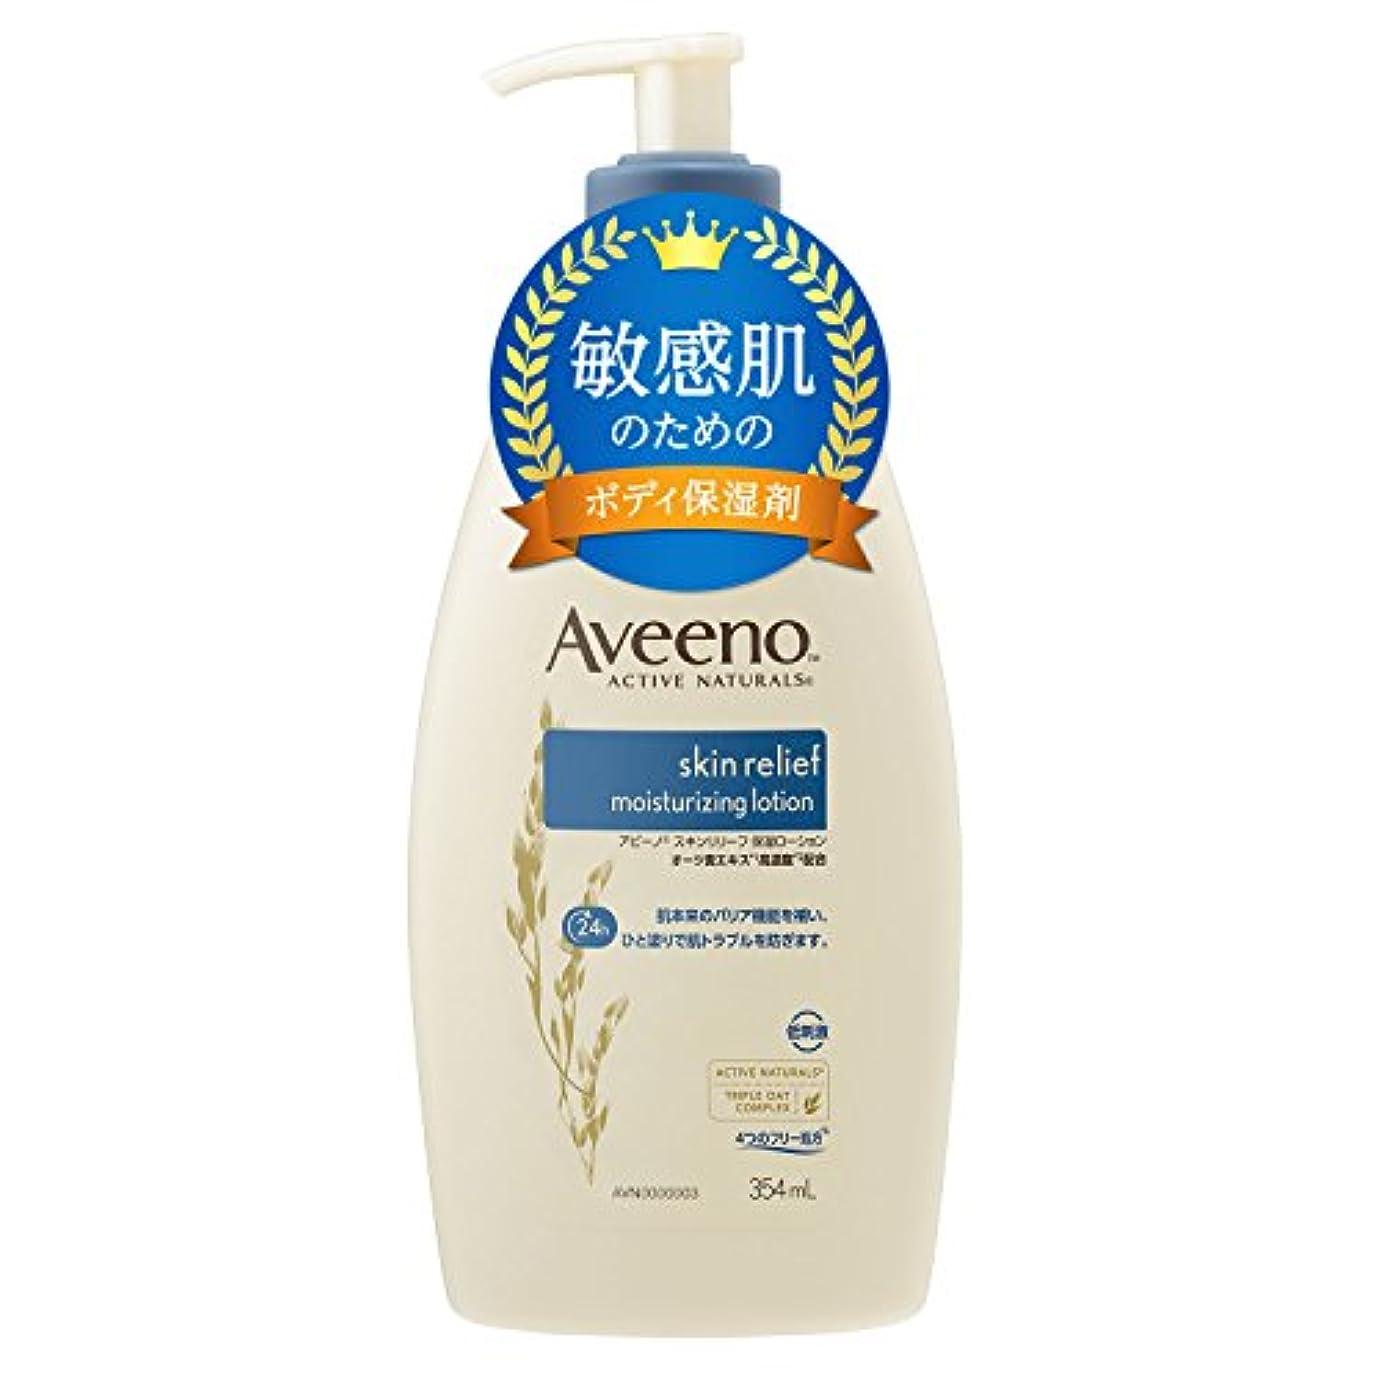 強調するしかしファンド【Amazon.co.jp限定】Aveeno(アビーノ) スキンリリーフ 保湿ローション 354ml 【極度の乾燥肌、敏感肌の方向け】